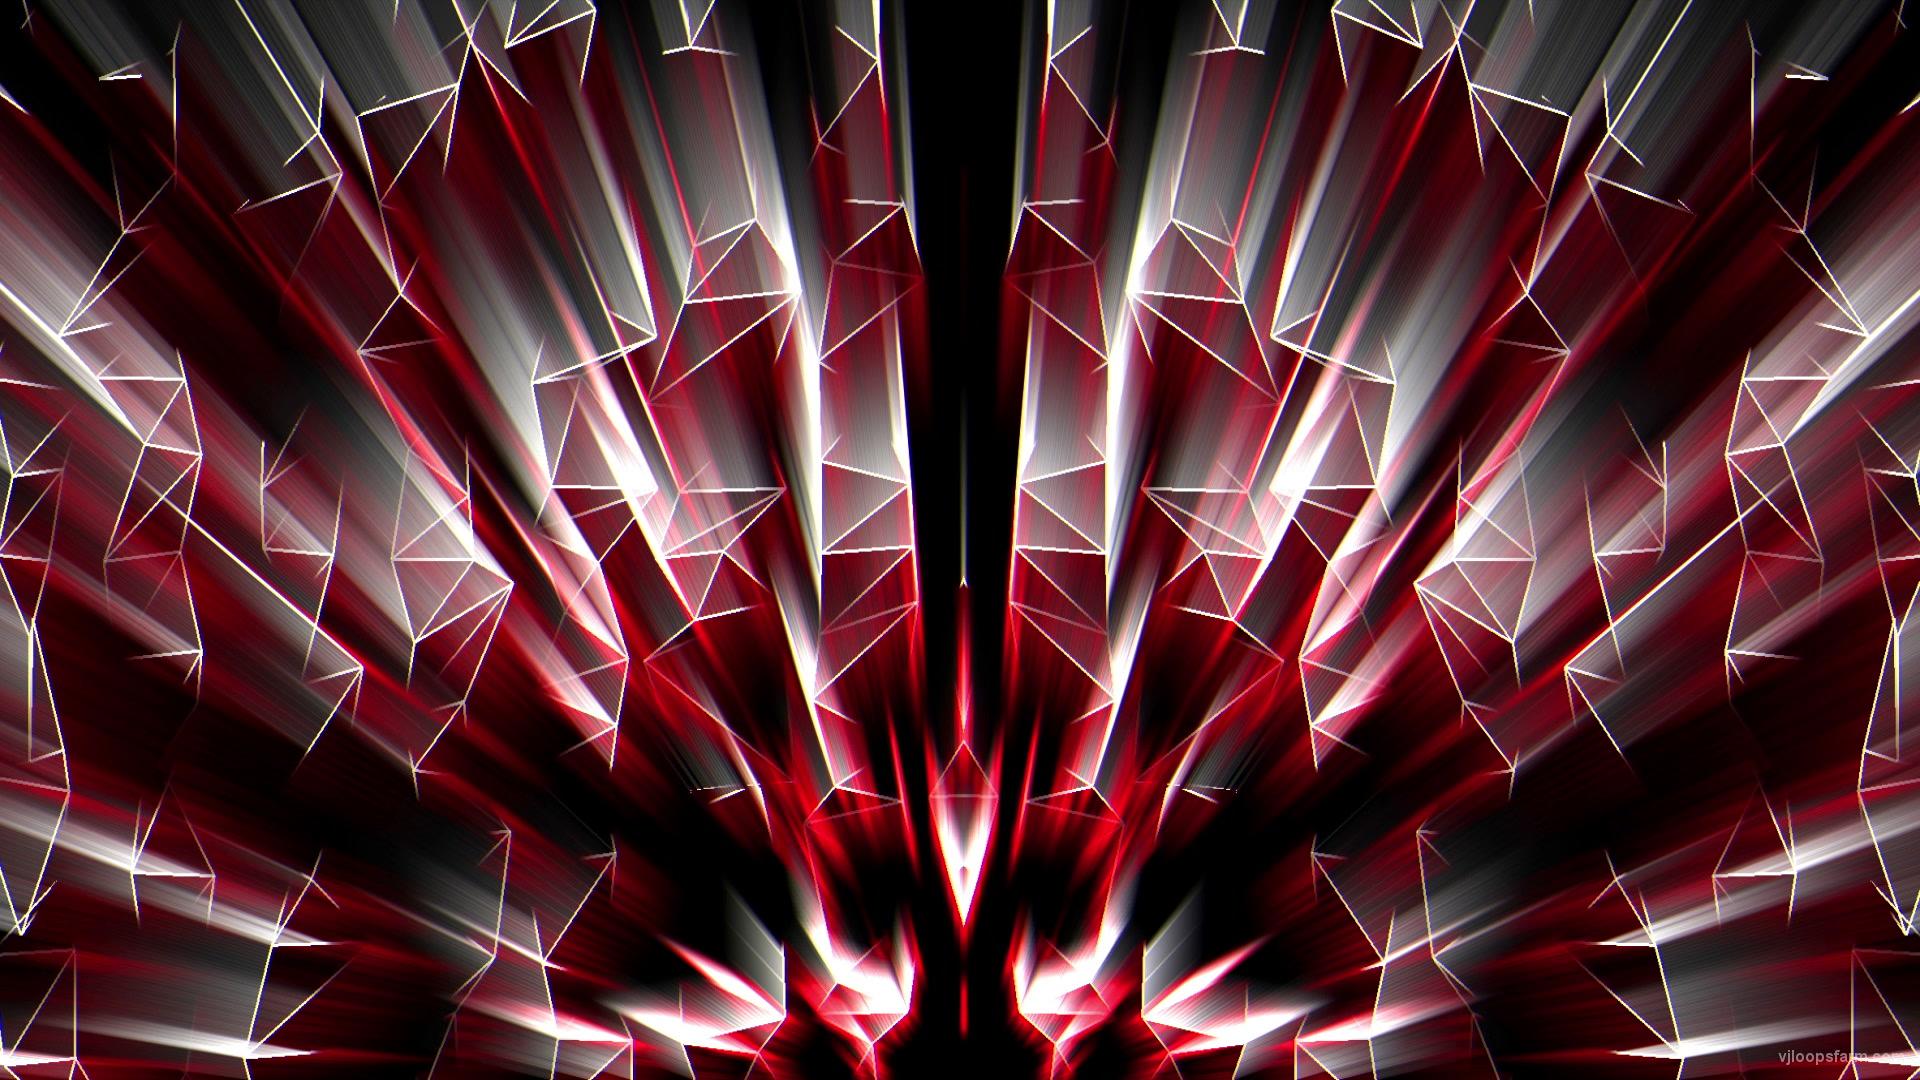 vj video background Red-forest-stage_1920x1080_29fps_VJLoop_LIMEART_003